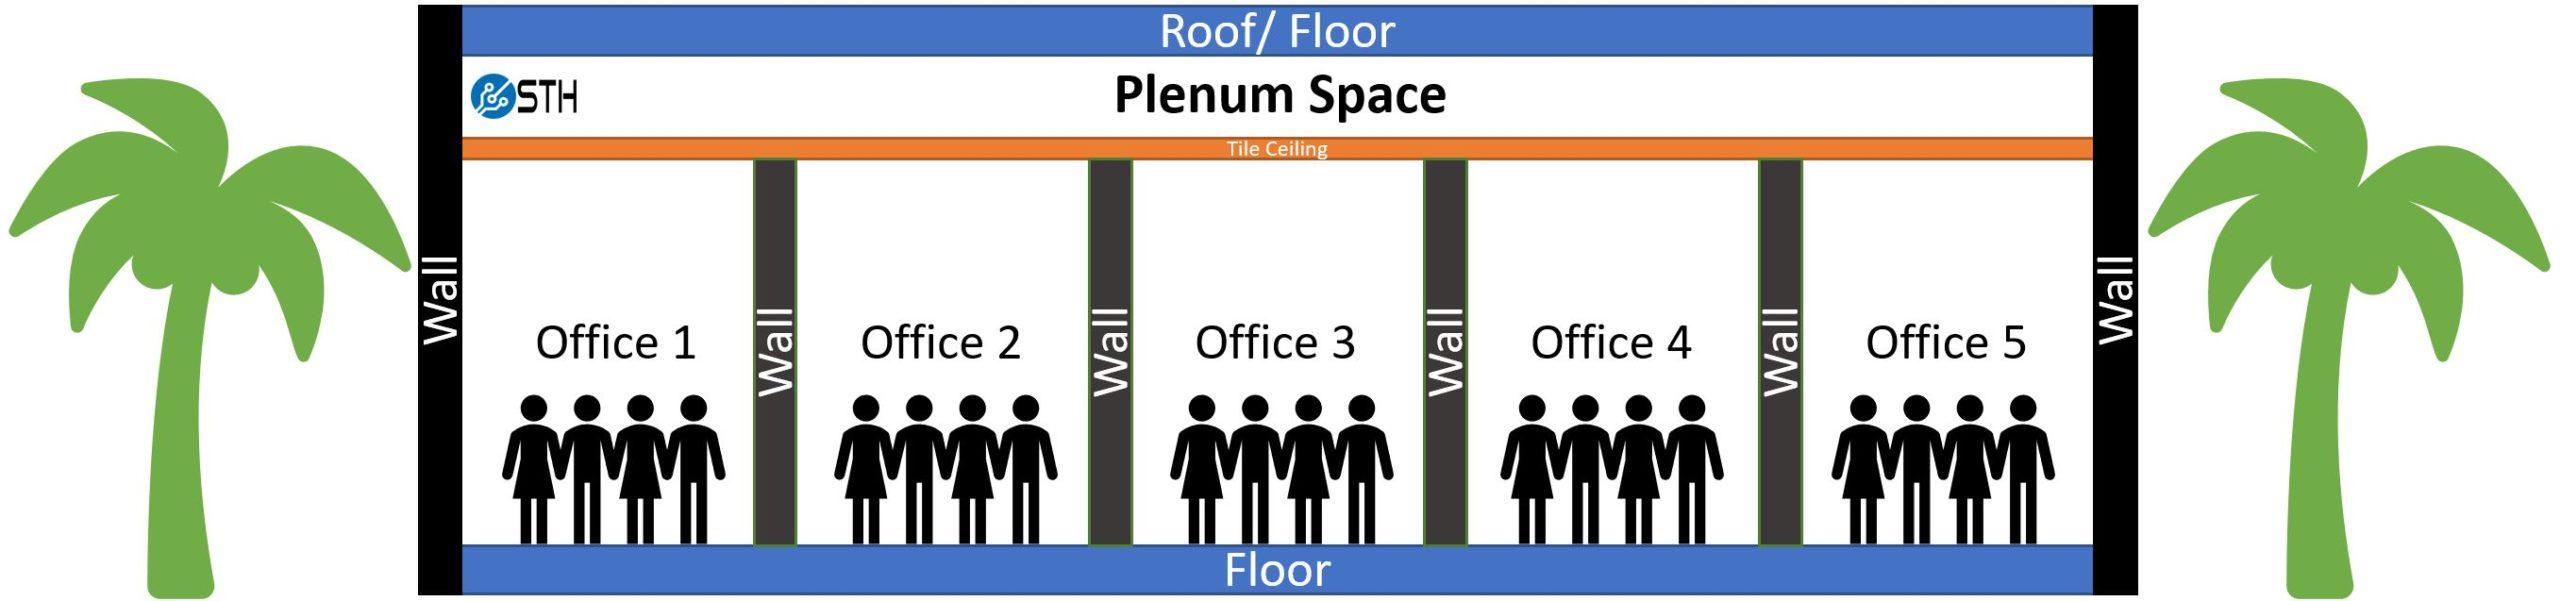 Plenum Space Diagram For Fiber Optic ONFP V ONFR